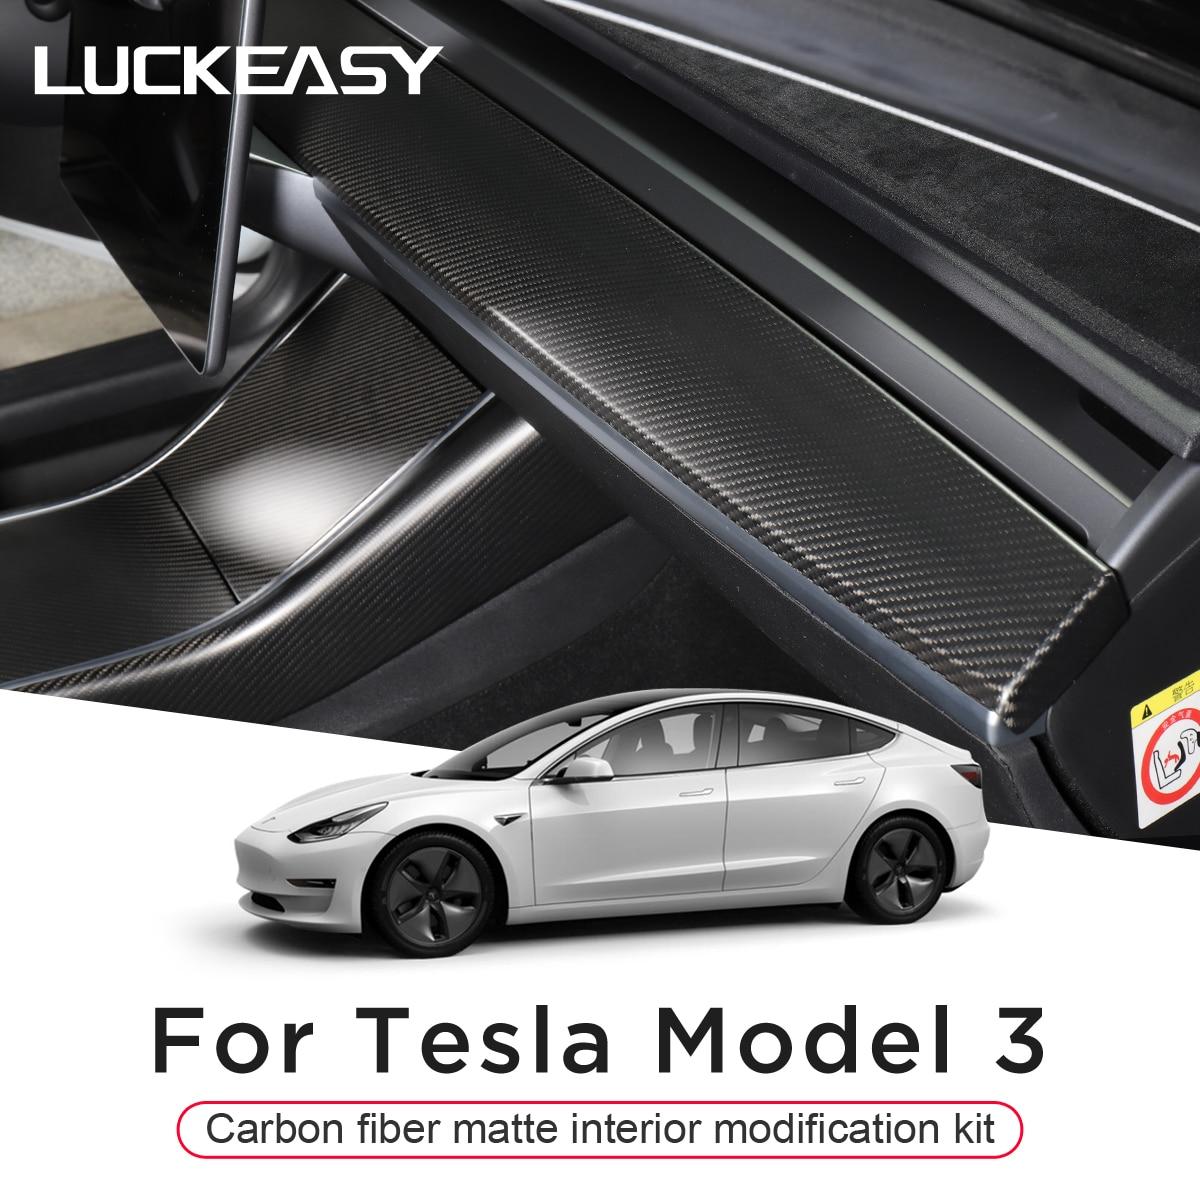 اكسسوارات السيارات الداخلية ل تسلا Model3 نموذج 3 الكربون ماتي نافذة زر مركز التحكم قفل الباب التبديل مجموعة كاملة التصحيح